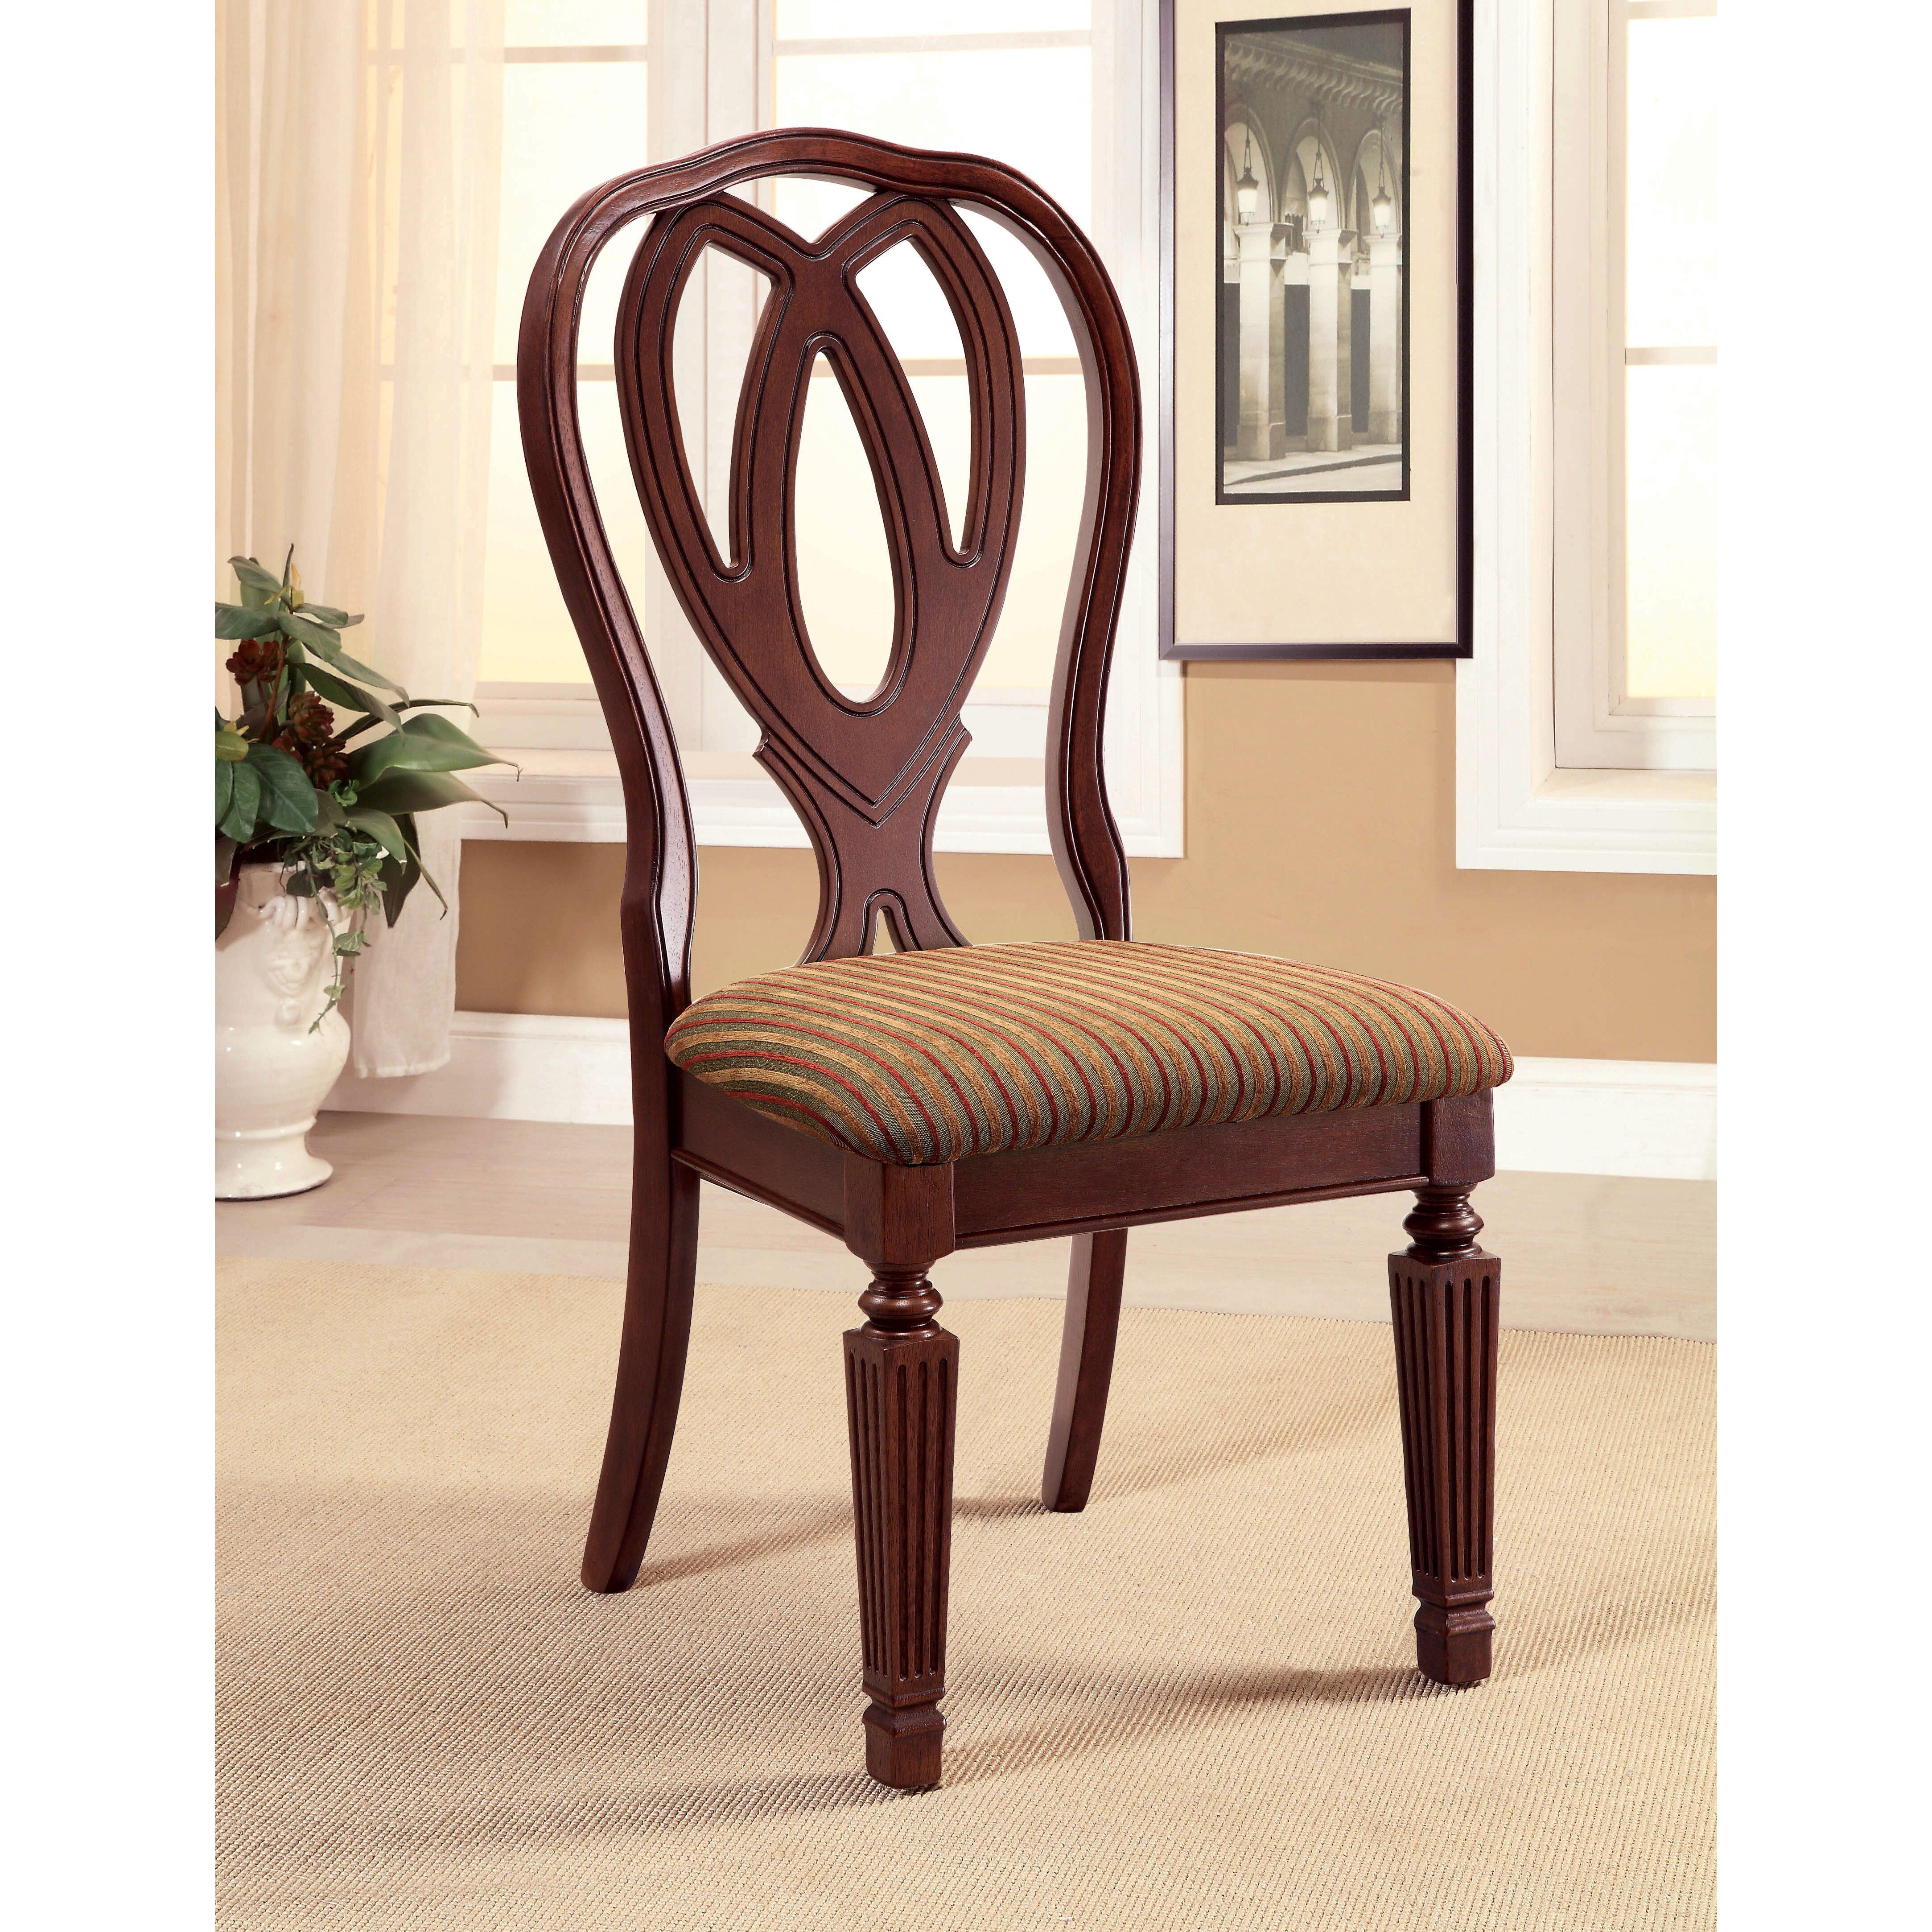 Harlow Side Chair By Hokku Designs